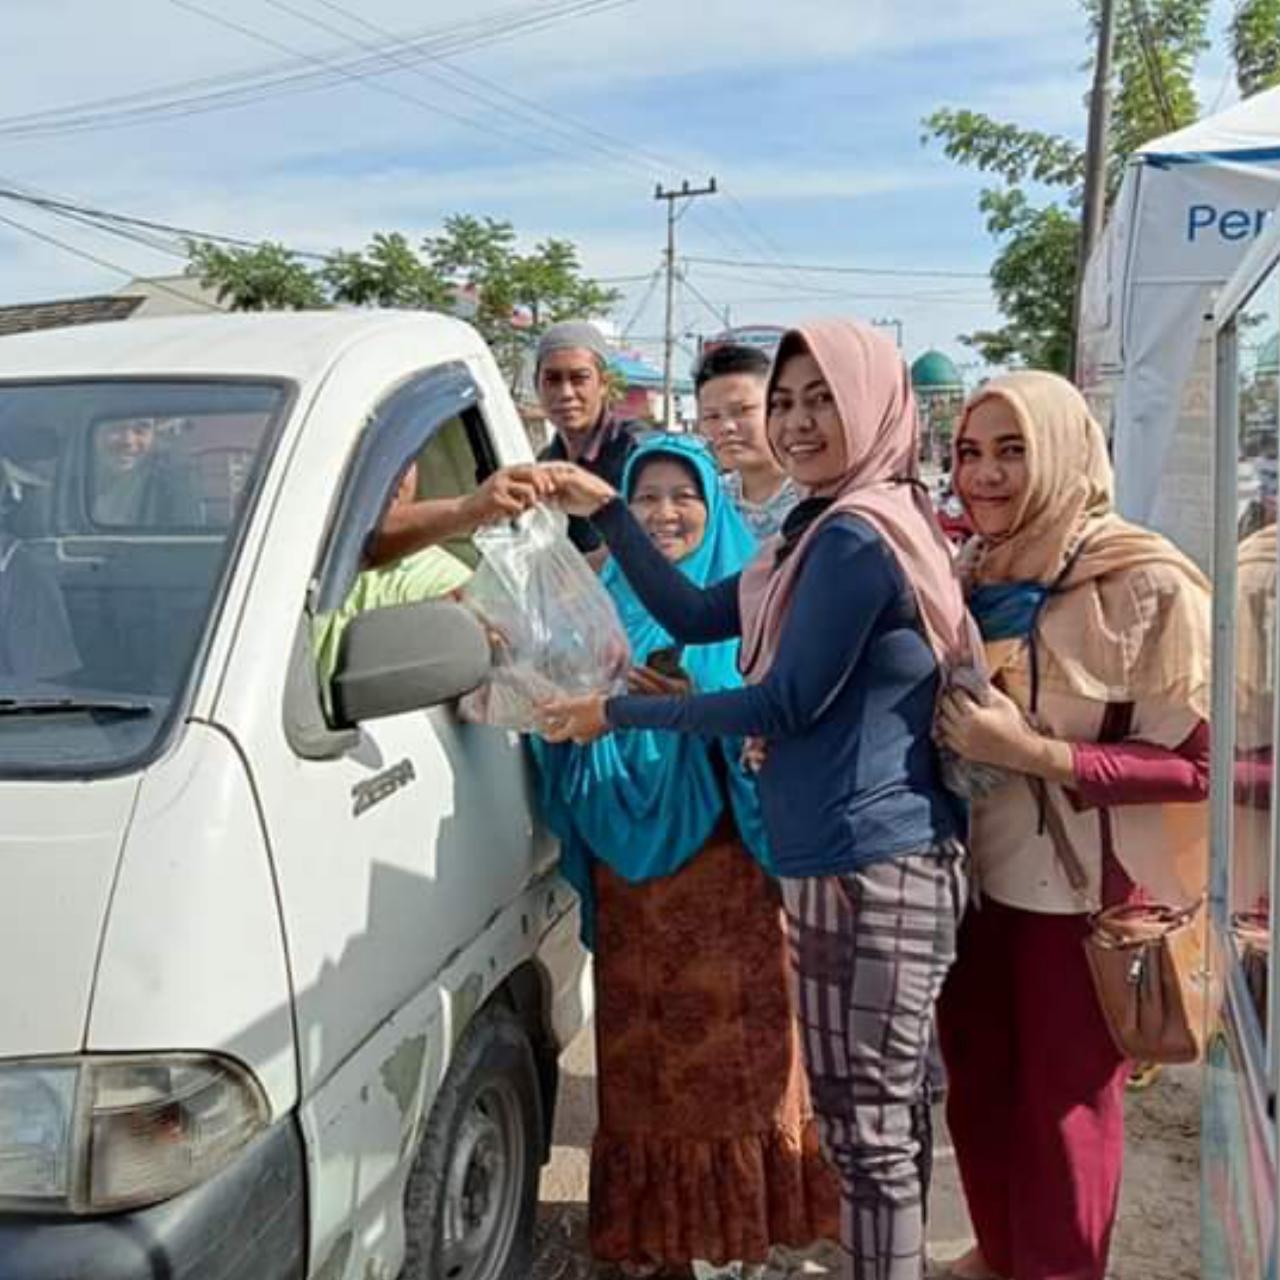 Donasi Peduli Sesama  BANK NASI (Berbagi Kebaikan Menabung Jum'at) - Donasi BANK NASI 10.000